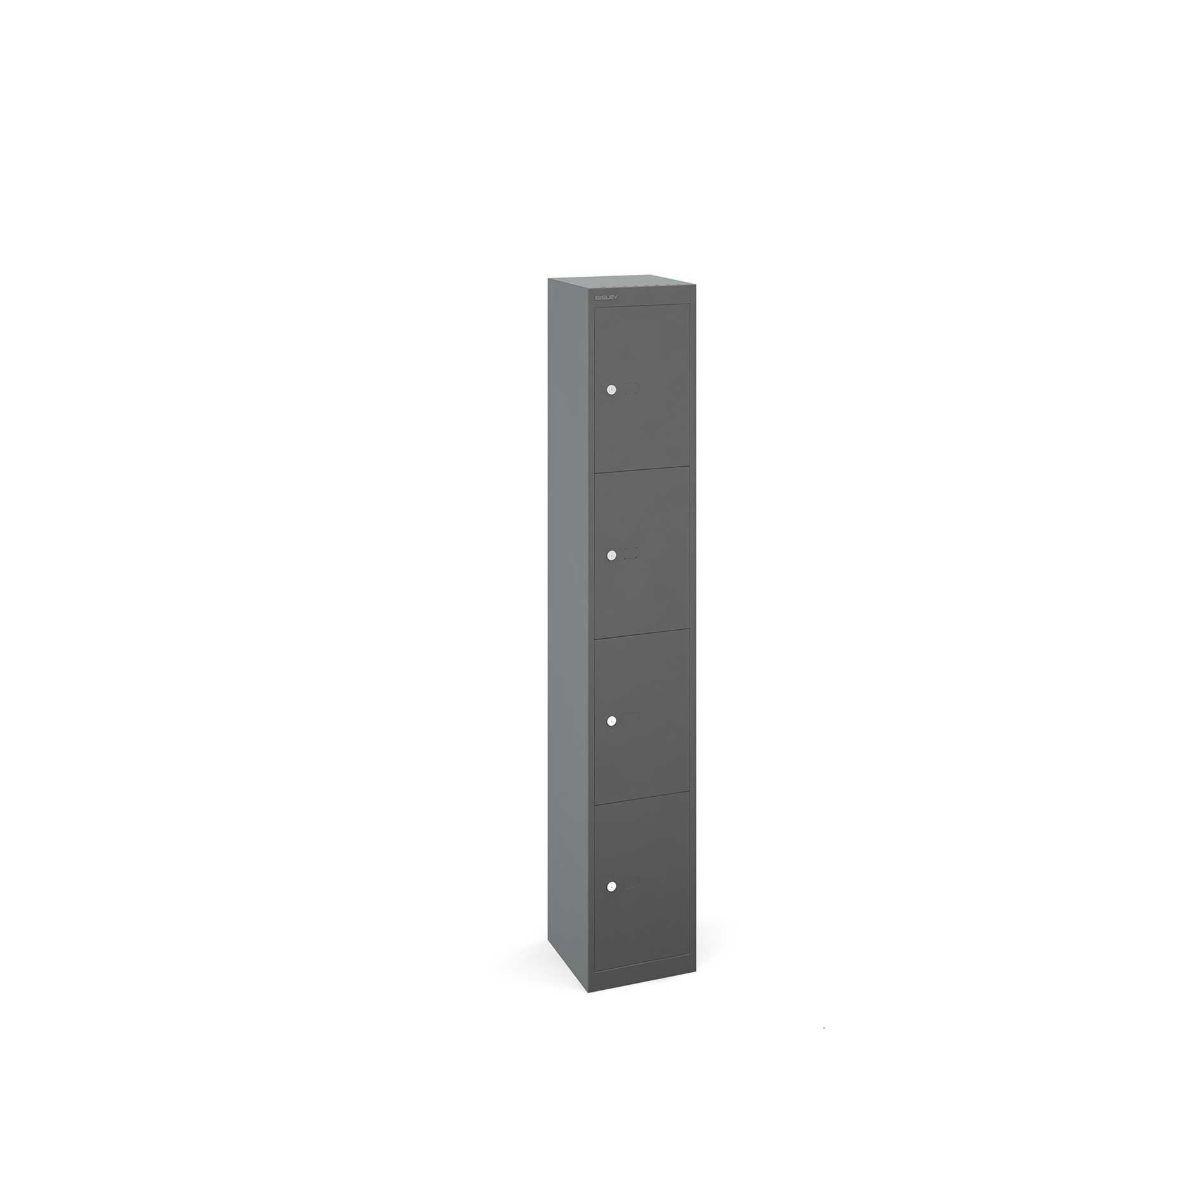 Bisley Universal Steel Locker 4 Door Grey/Grey